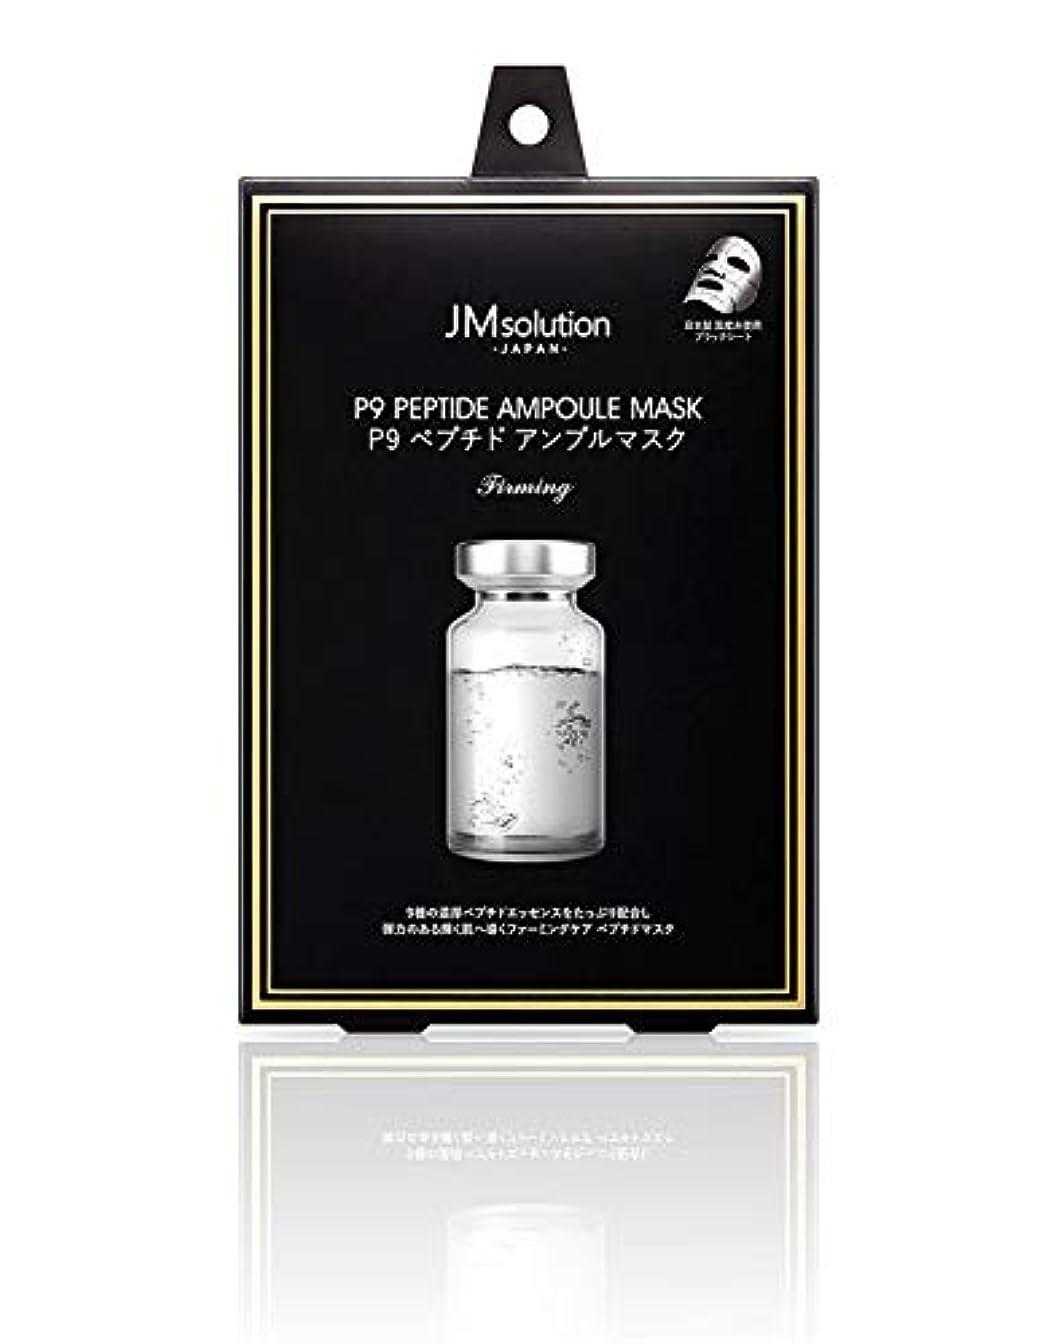 白鳥教えお香JMsolution P9 ペプチド アンプルマスク ファーミング 30g×5枚(箱入り)